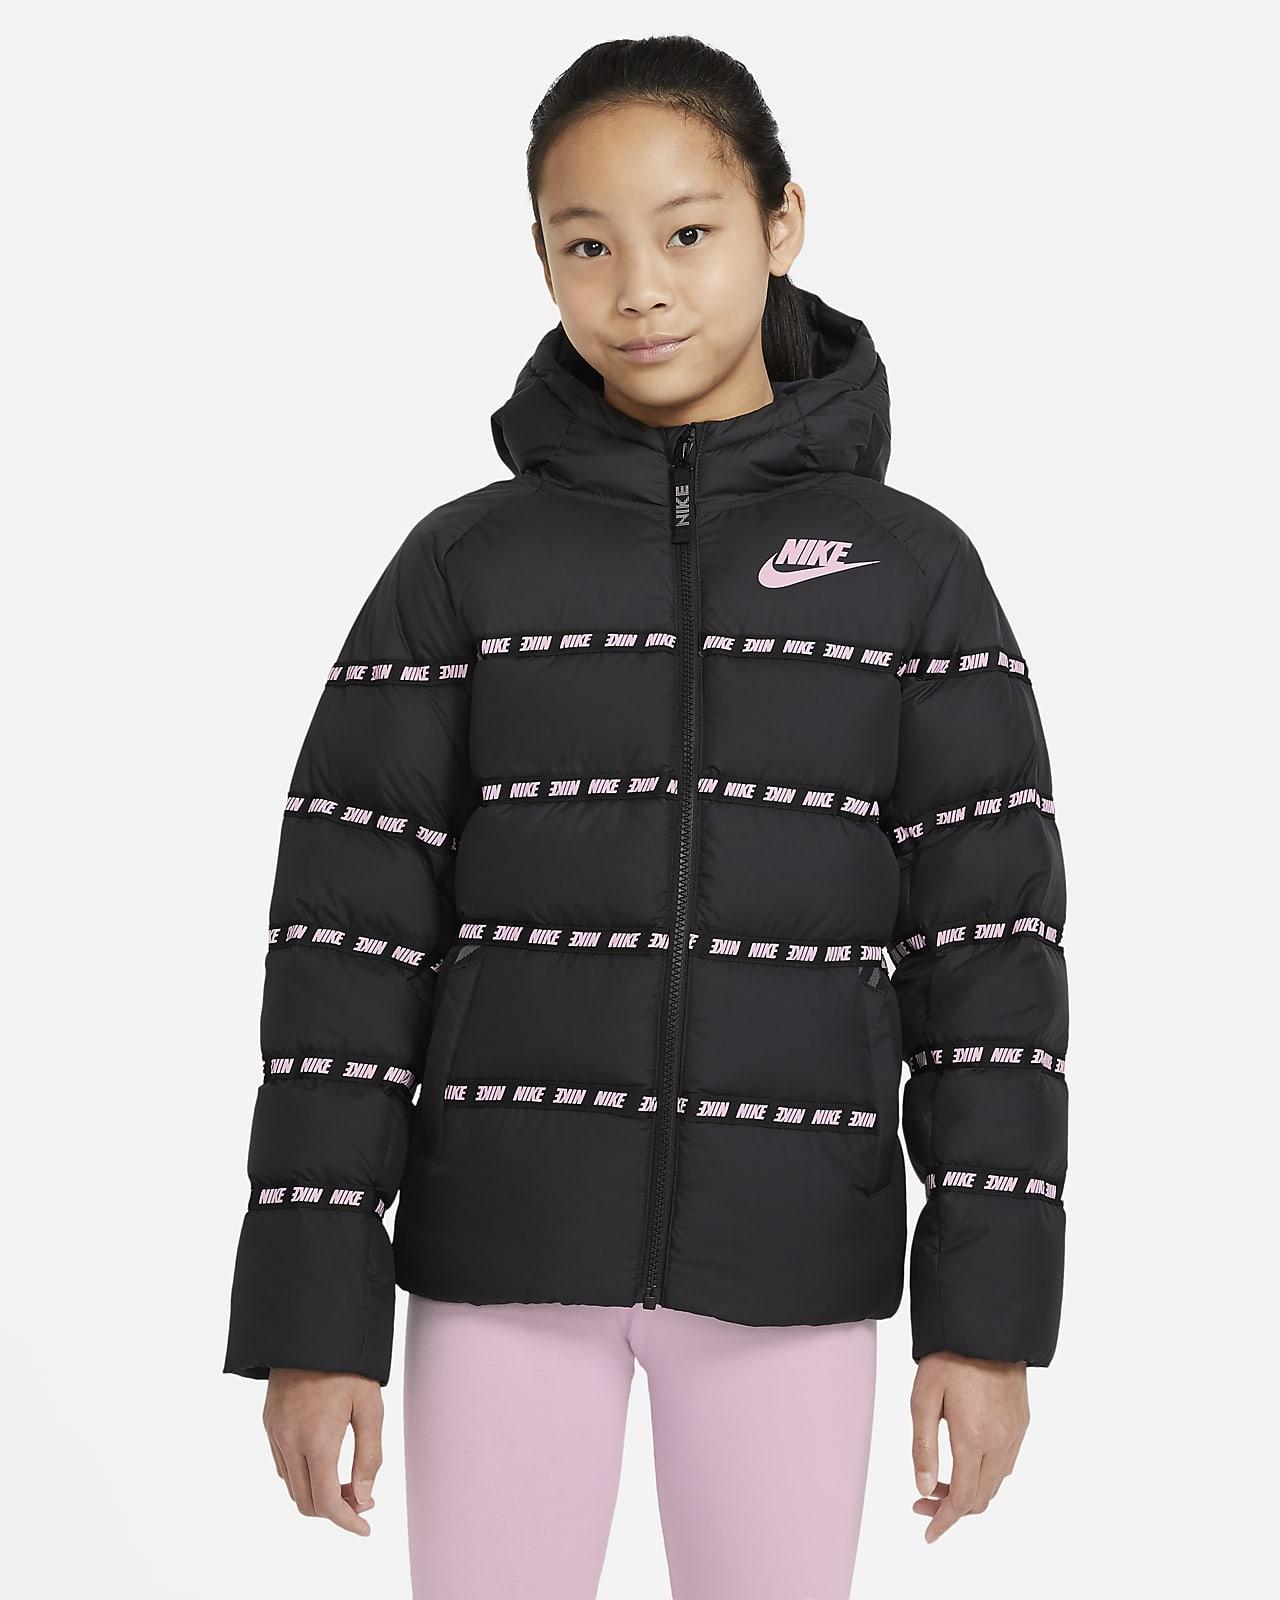 Péřová bunda Nike Sportswear pro větší děti